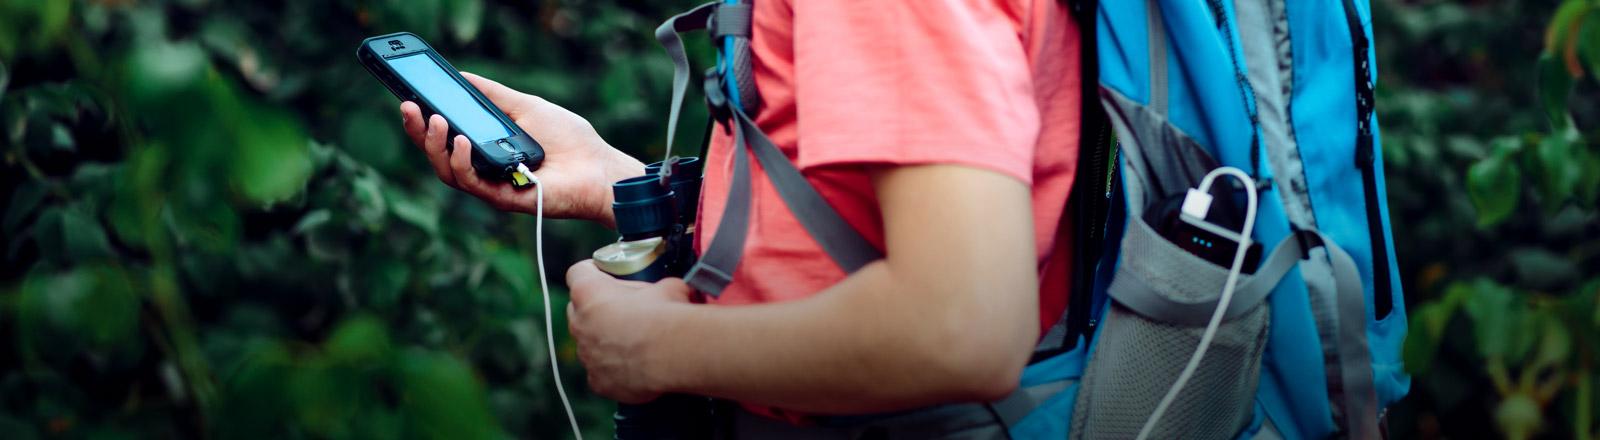 Ein Mann mit Rucksack hält ein Smartphone in der Hand.